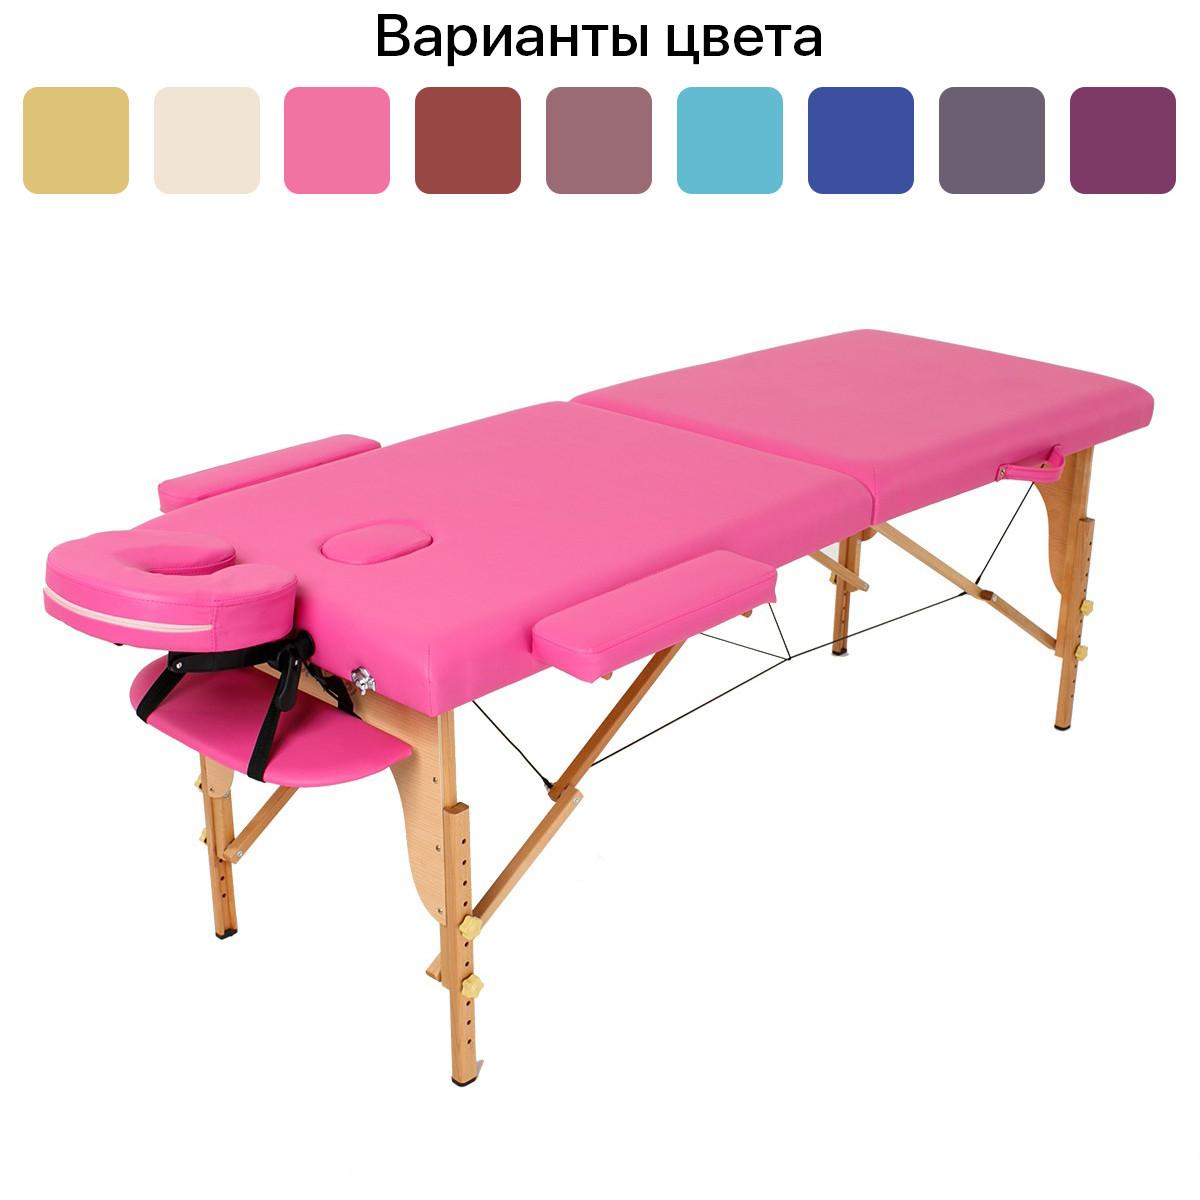 Массажный стол деревянный 2-х сегментный RelaxLine Lagune массажная кушетка для массажа